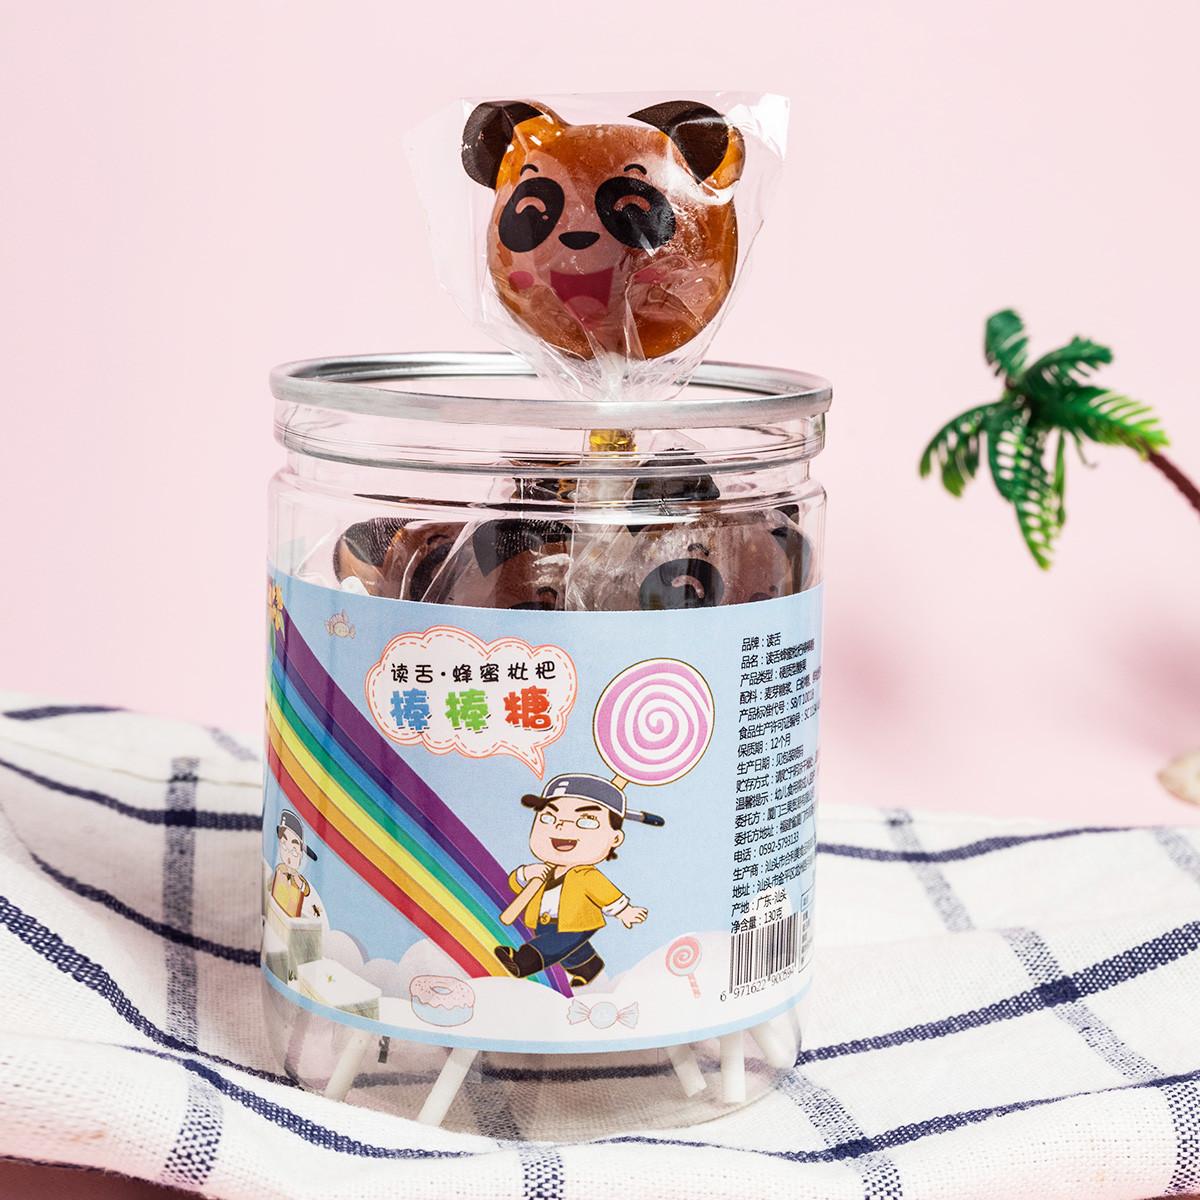 读舌蜂蜜枇杷棒棒糖卡通可爱麦芽糖儿童女生休闲零食水果糖果罐装130gCOLOR蜂蜜枇杷棒棒糖130g*1